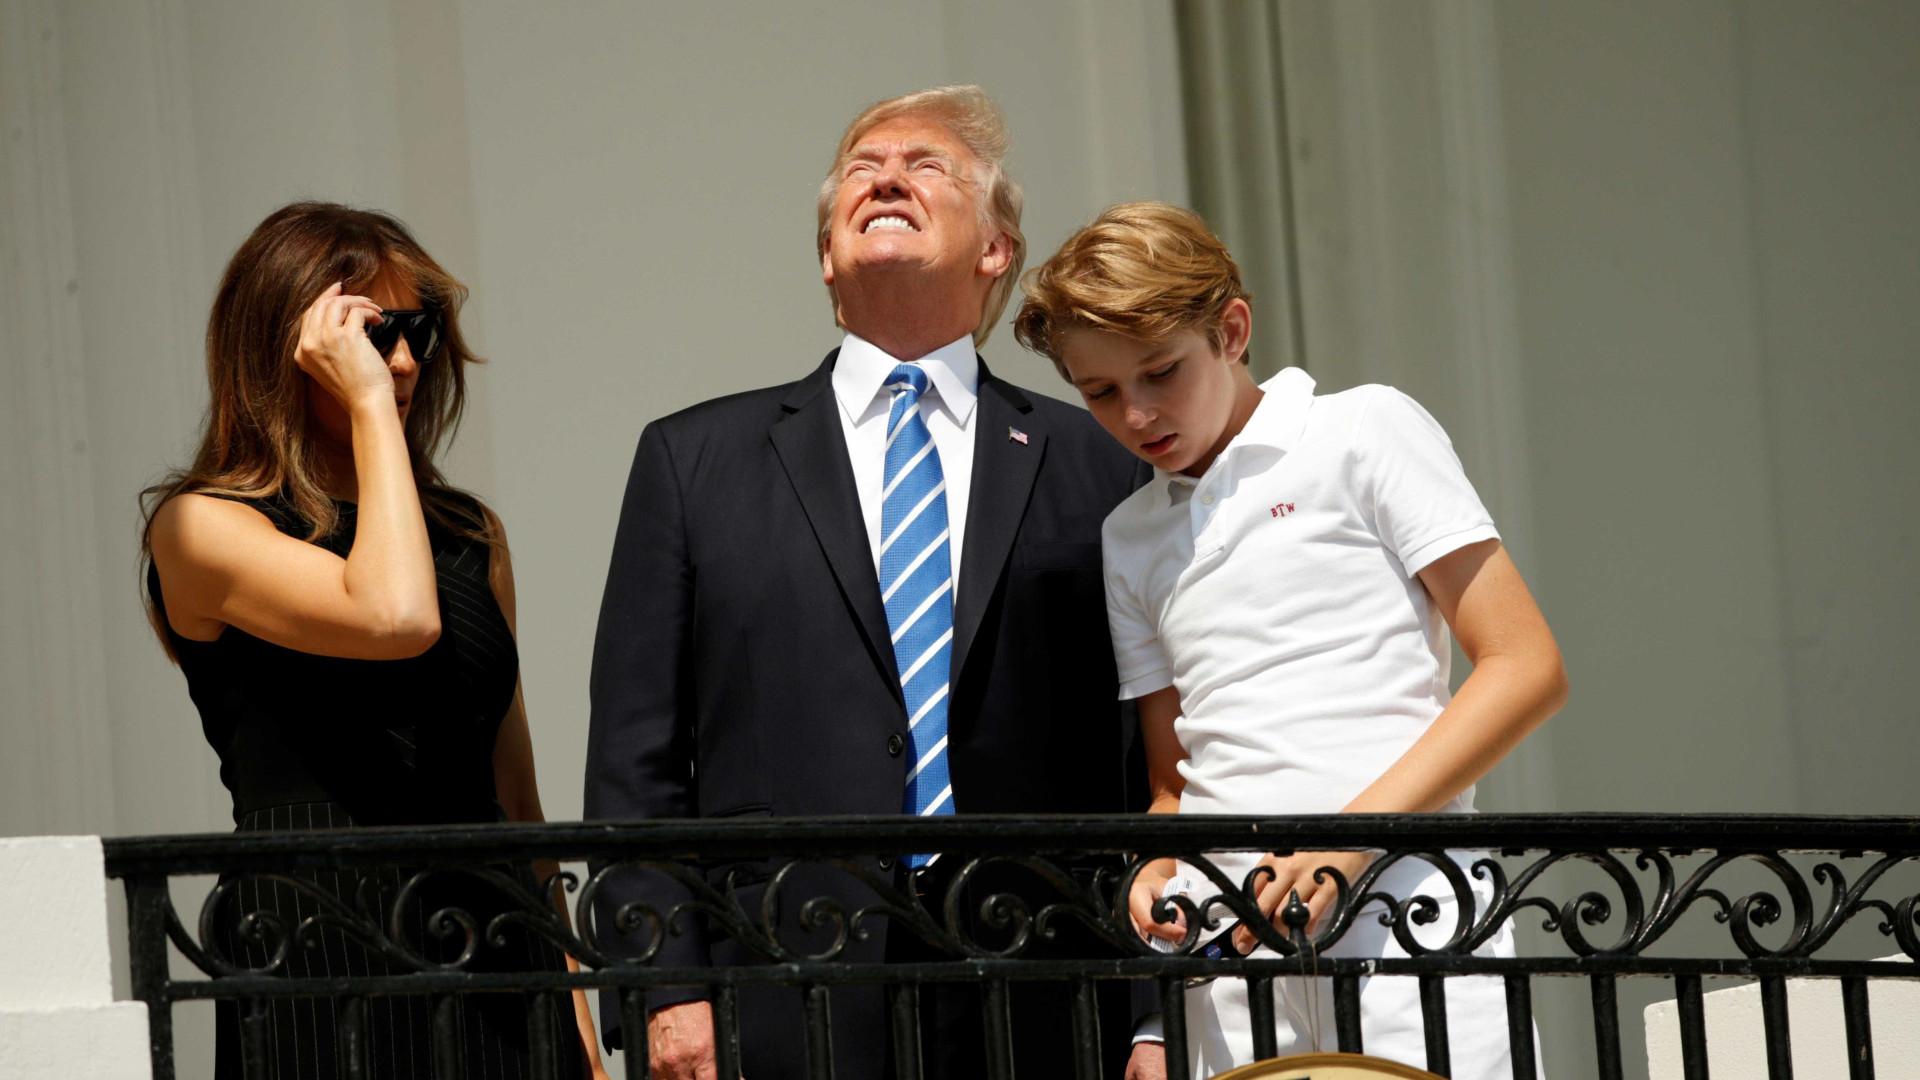 Trump a ver o eclipe sem óculos. A imagem que inundou a redes sociais